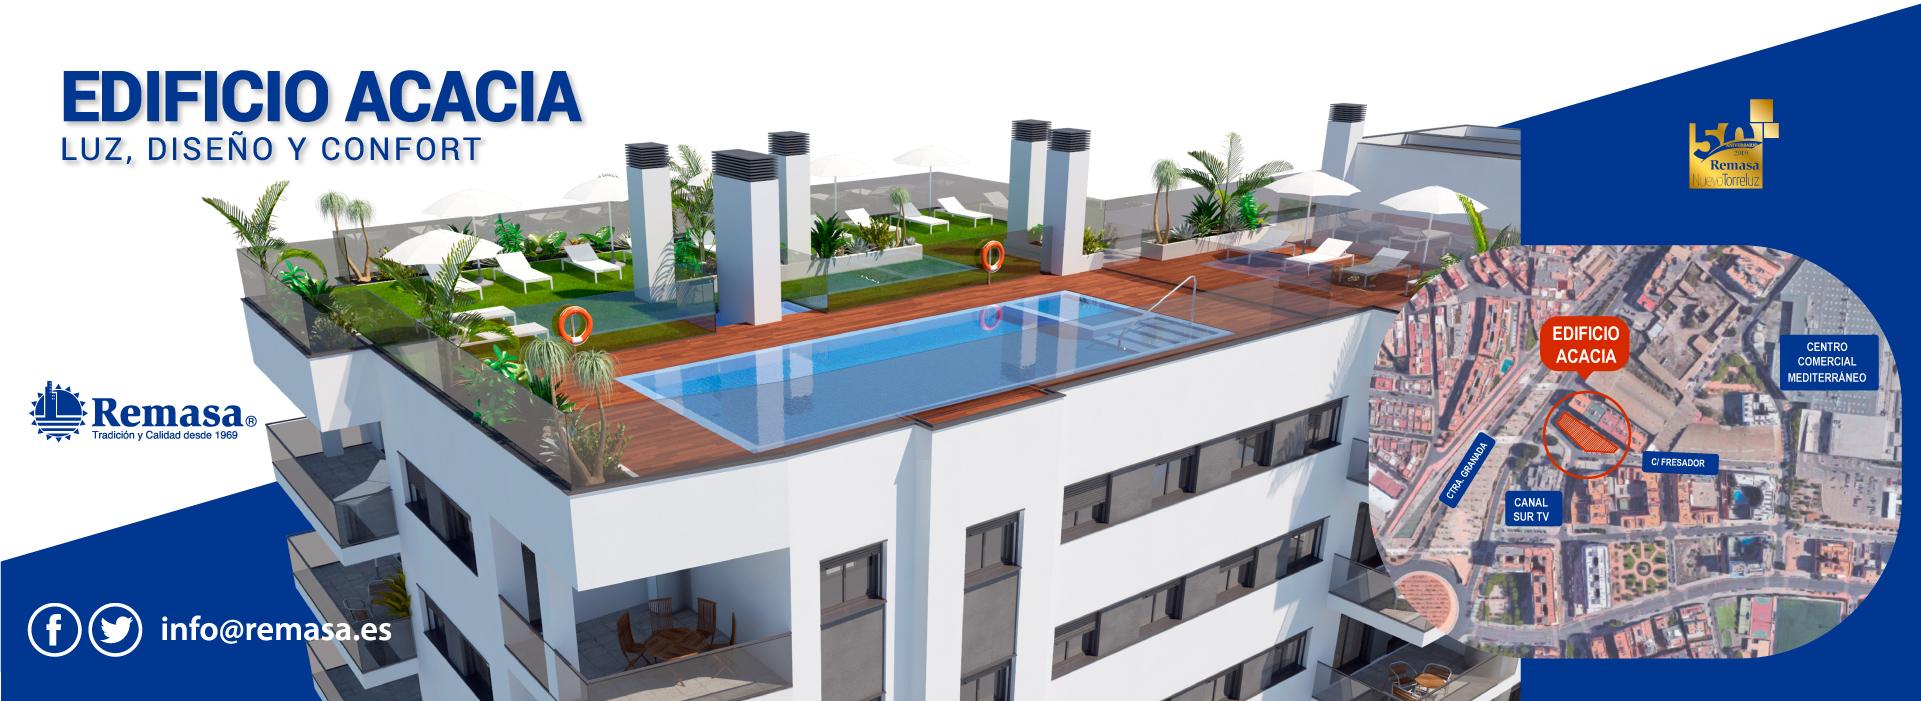 Nueva Promoción Edificio Acacia